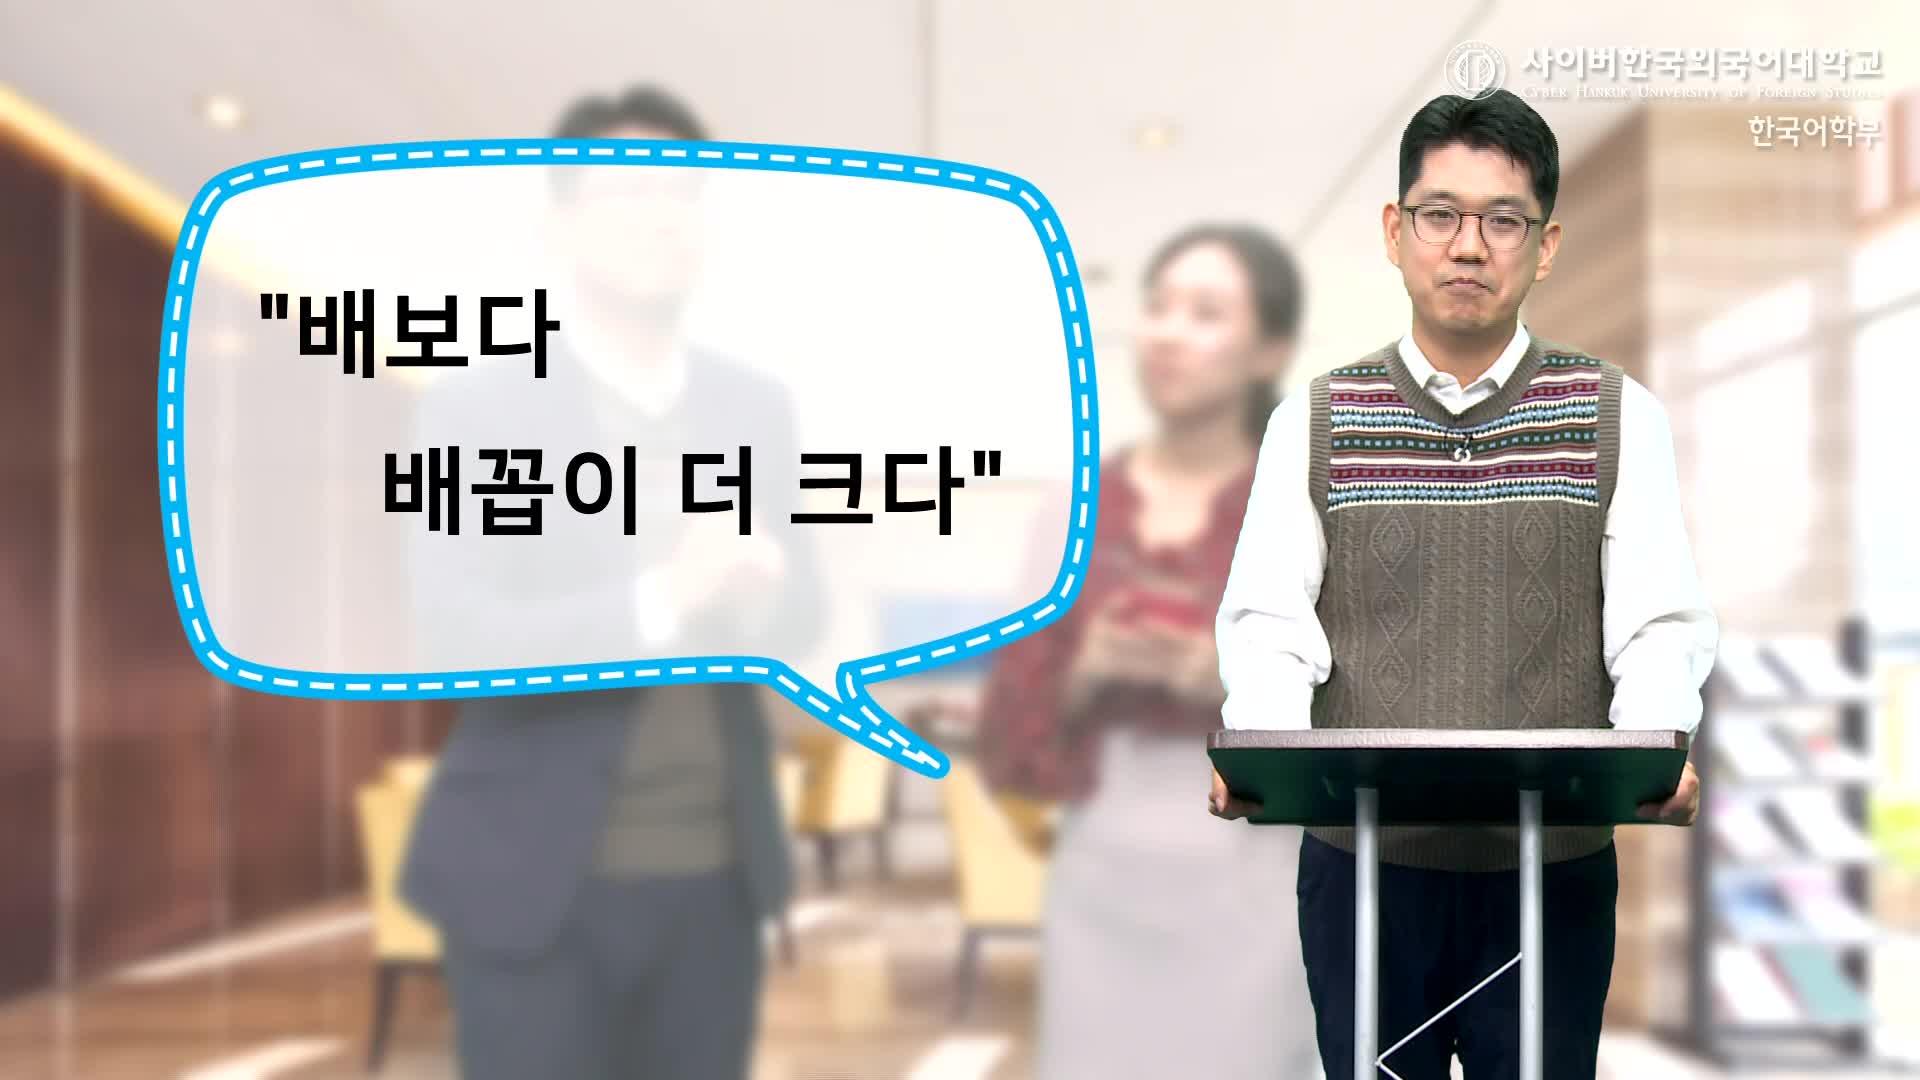 [Tục ngữ Hàn Quốc] Ep 13. <베보다 배꼽이 더 크다>. 출처: 사이버한국외국어대학교